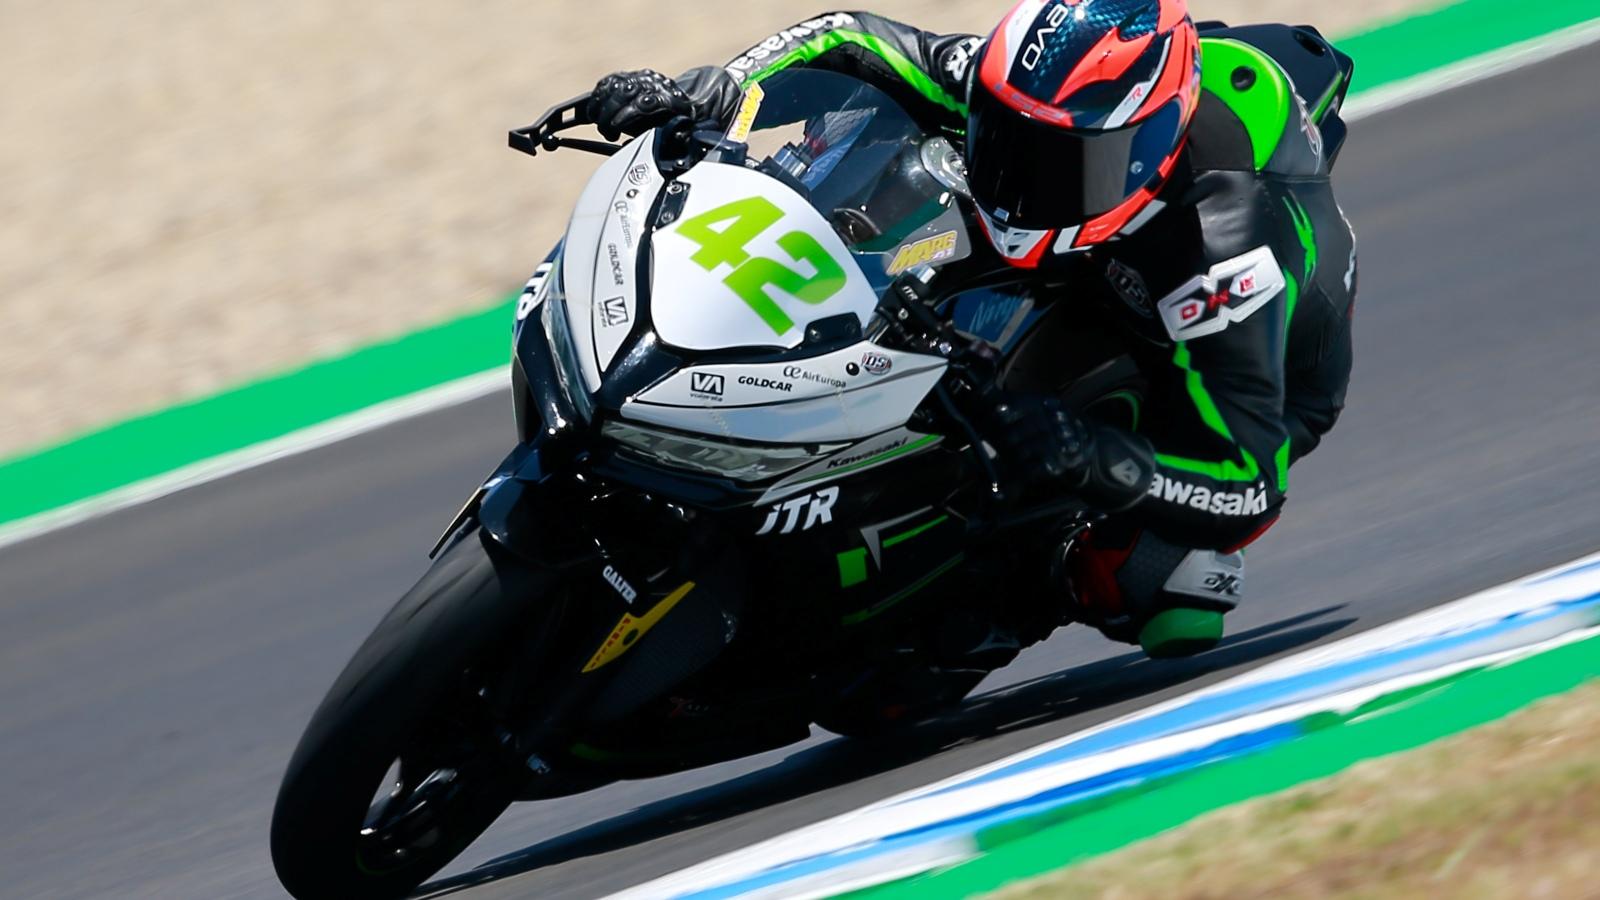 Marc García vuelve a ganar y Ana Carrasco al podio de Supersport 300 en Jerez